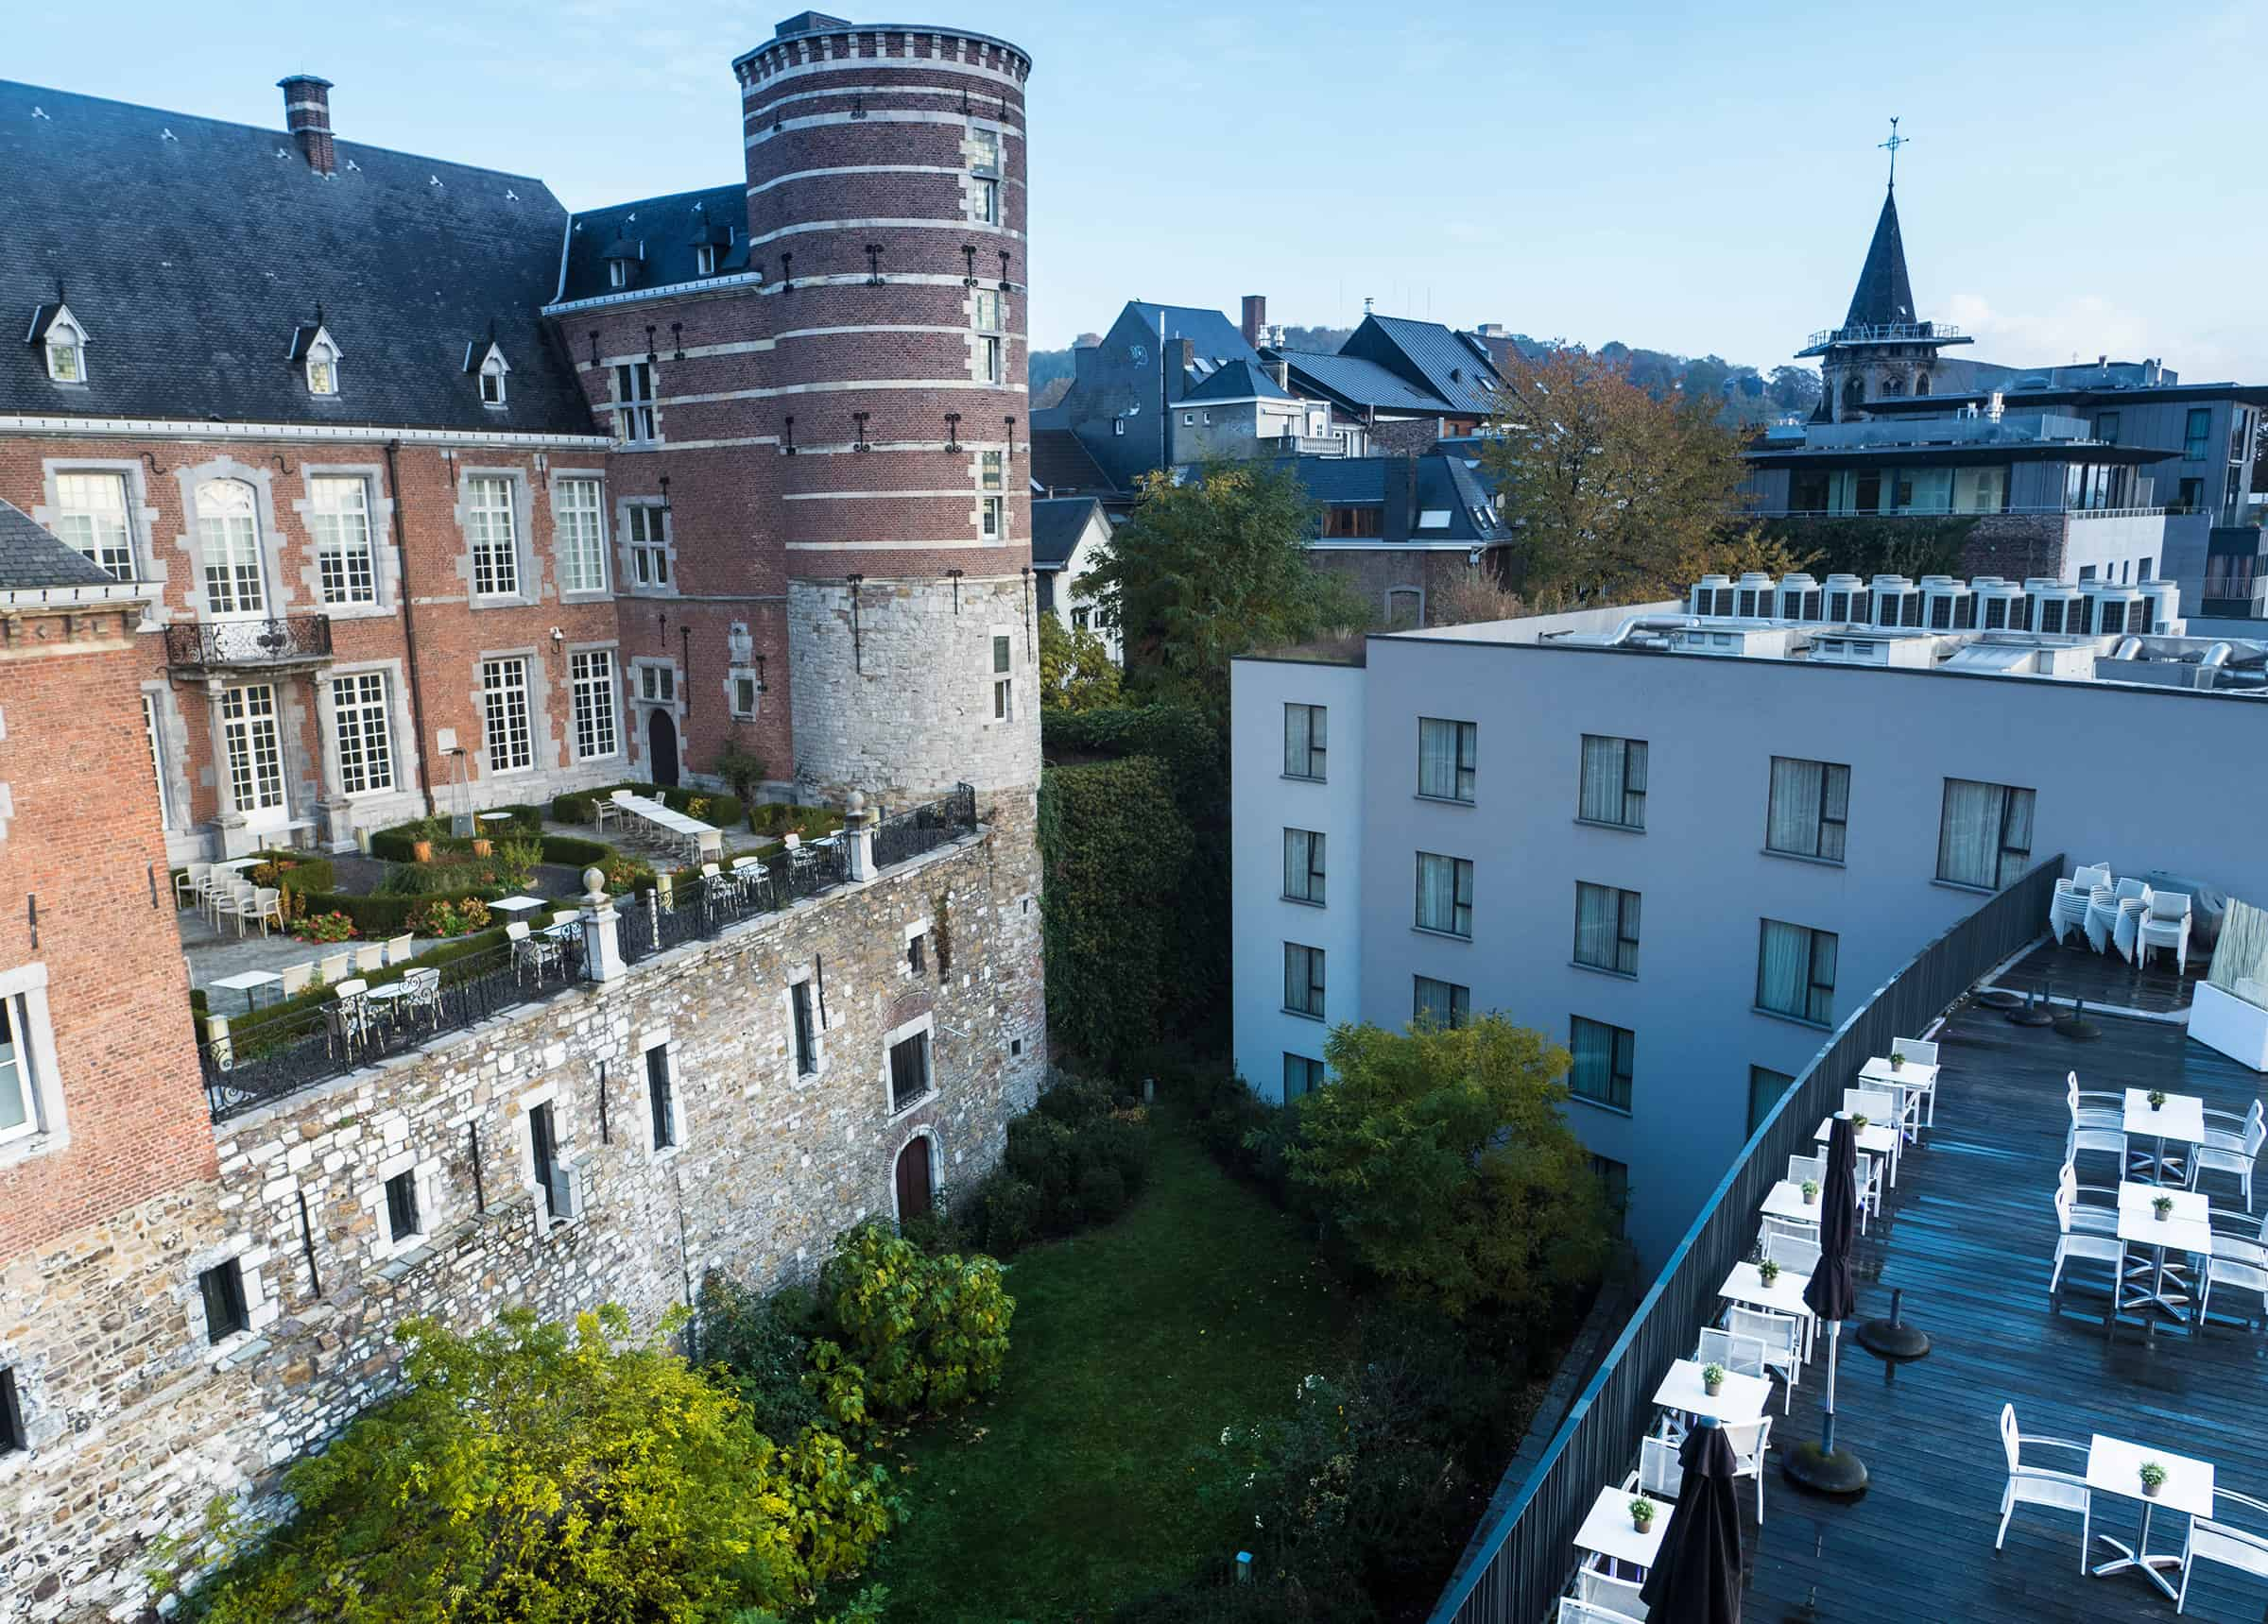 Meest luxe hotel van Liege